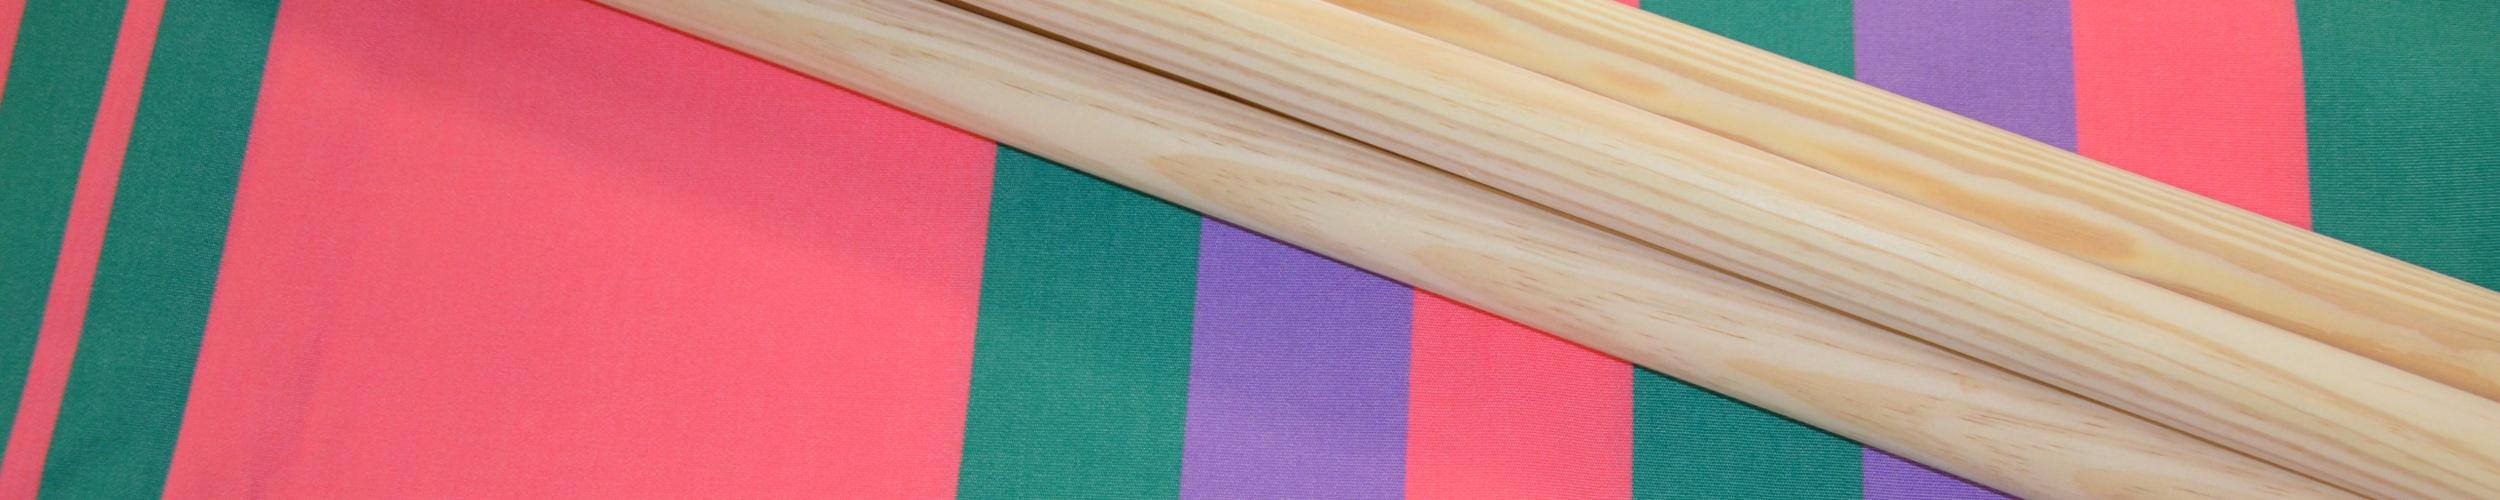 Windscherm Groen/Roze/Paars 4 meter, stockactie nummer